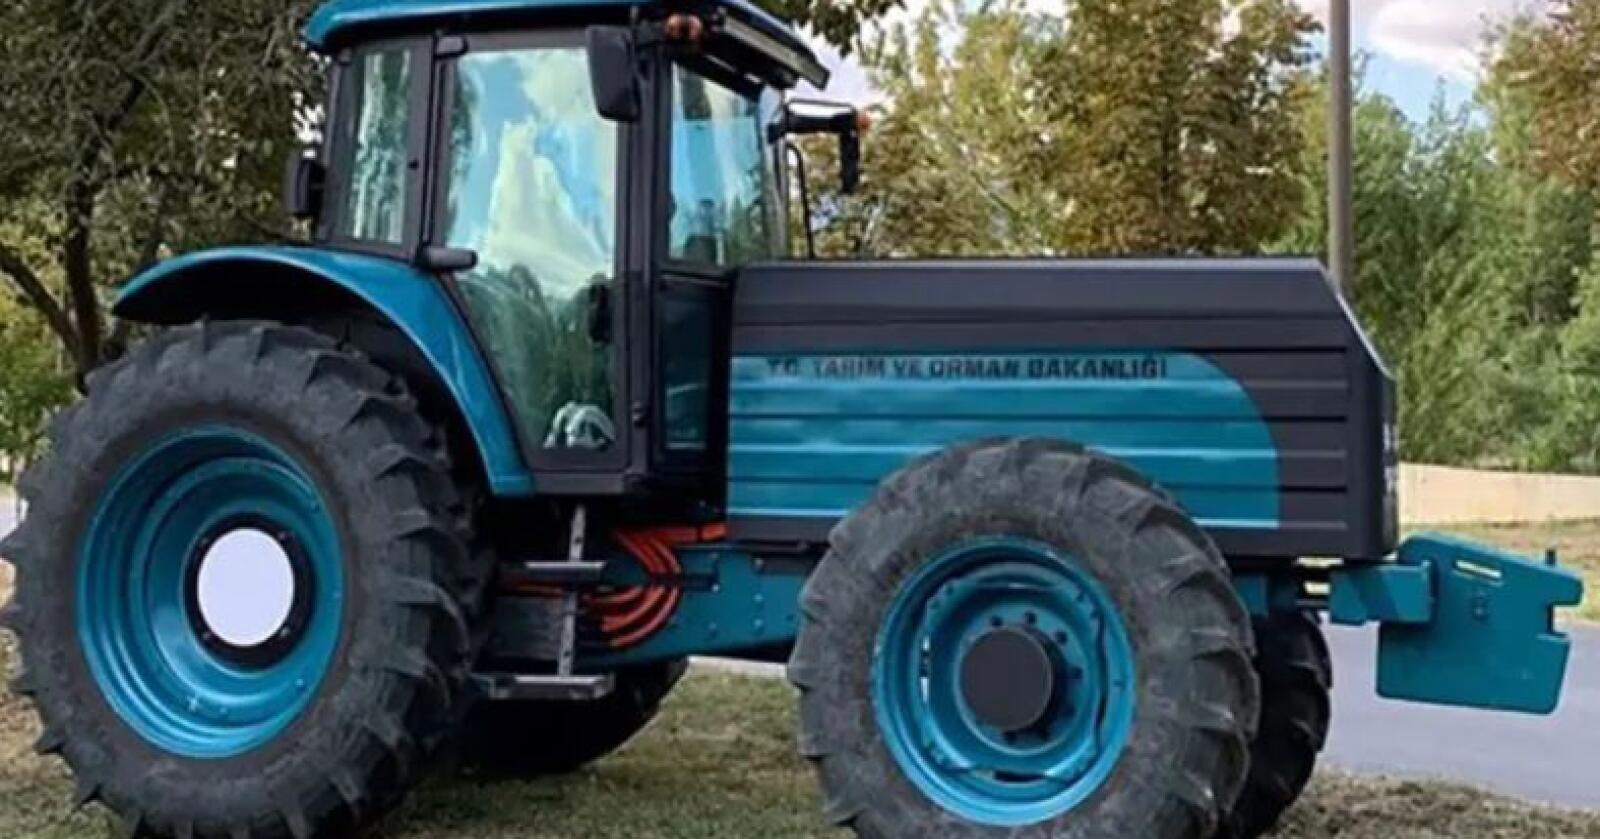 130 hestekrefter: Den nye Tyrkiske eltraktoren får effekt og form som en 130 hesters traktor. Et batteri på 95 kWh gjemmer seg under panseret, og skal gi driftstid på 5-7 timer og rask lading